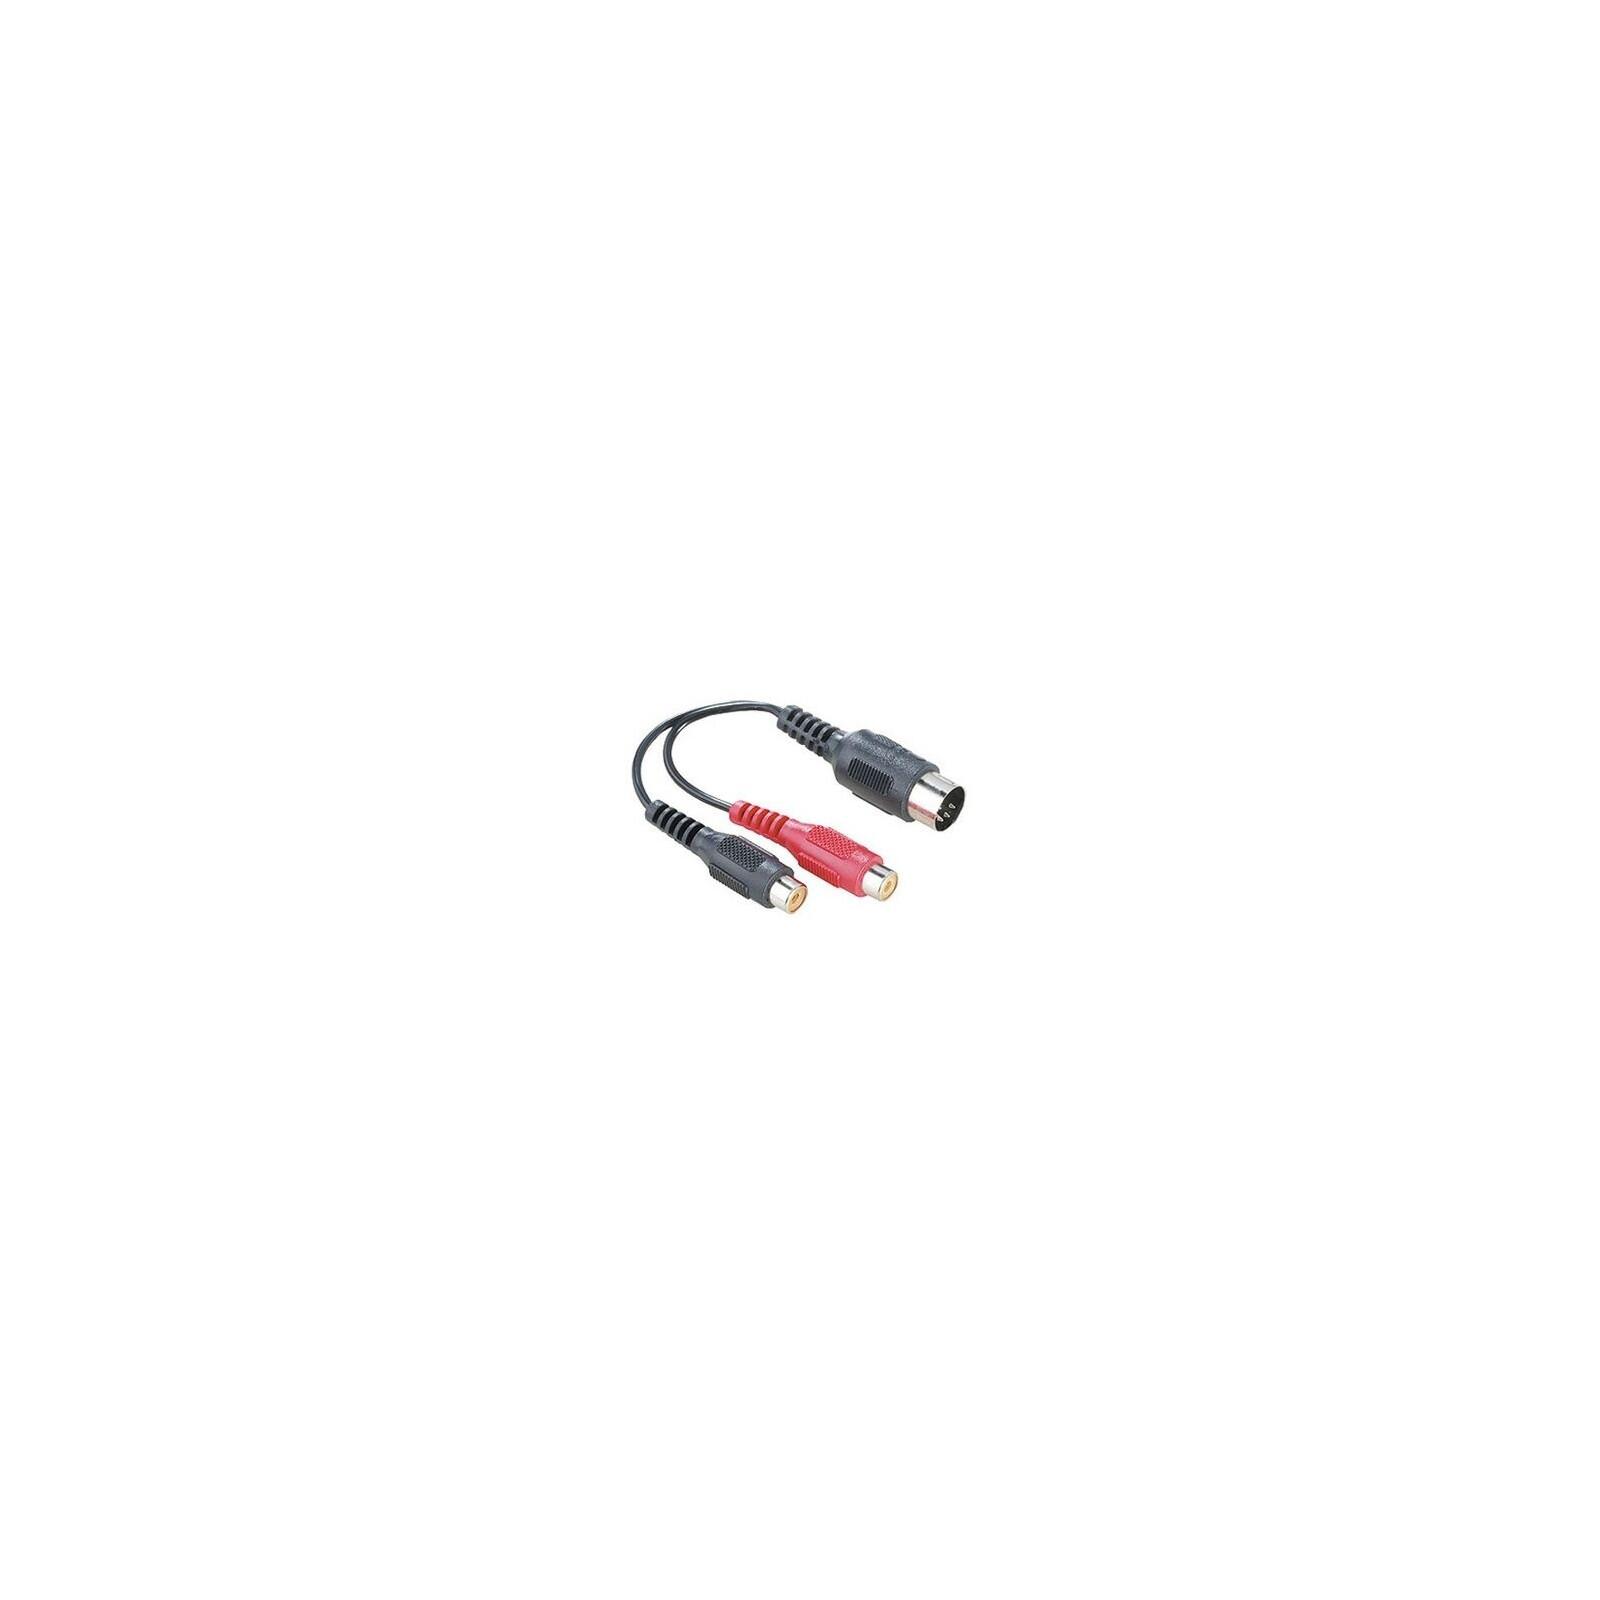 Hama 43336 Audio-Adapter 2 Cinch-Kupplungen - 5-pol.-DIN-Ste